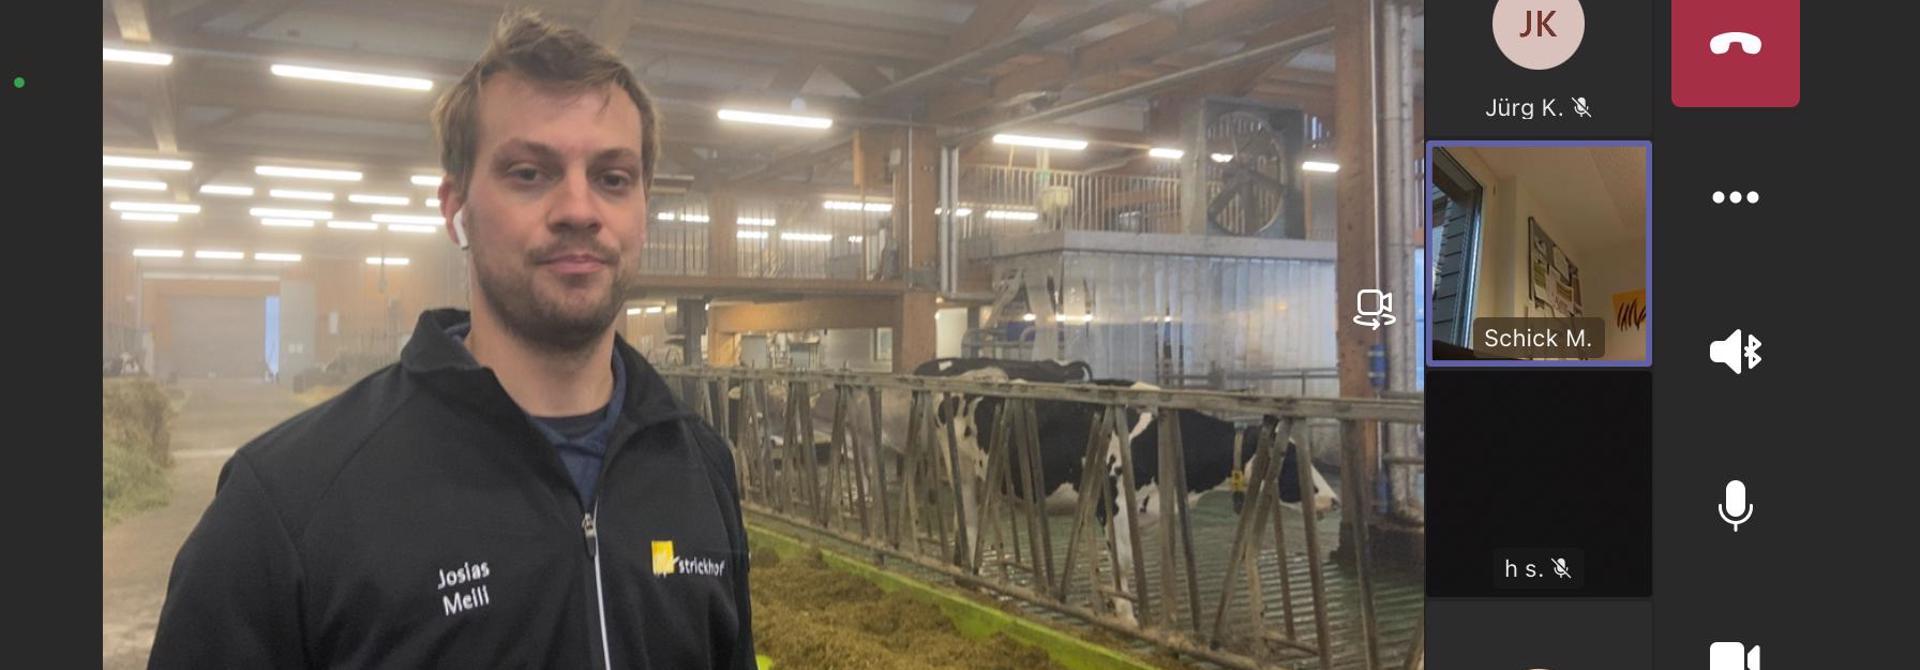 Die Teilnehmenden des Online-Fachnachmittags konnten bequem von zu Hause Josias Meilis interessantes Referat zum Thema u00abFu00fctterung Silobetriebu00bb anhu00f6ren und ihm in den Milchviehstall von AgroVet-Strickhof folgen. Bild: Strickhof>